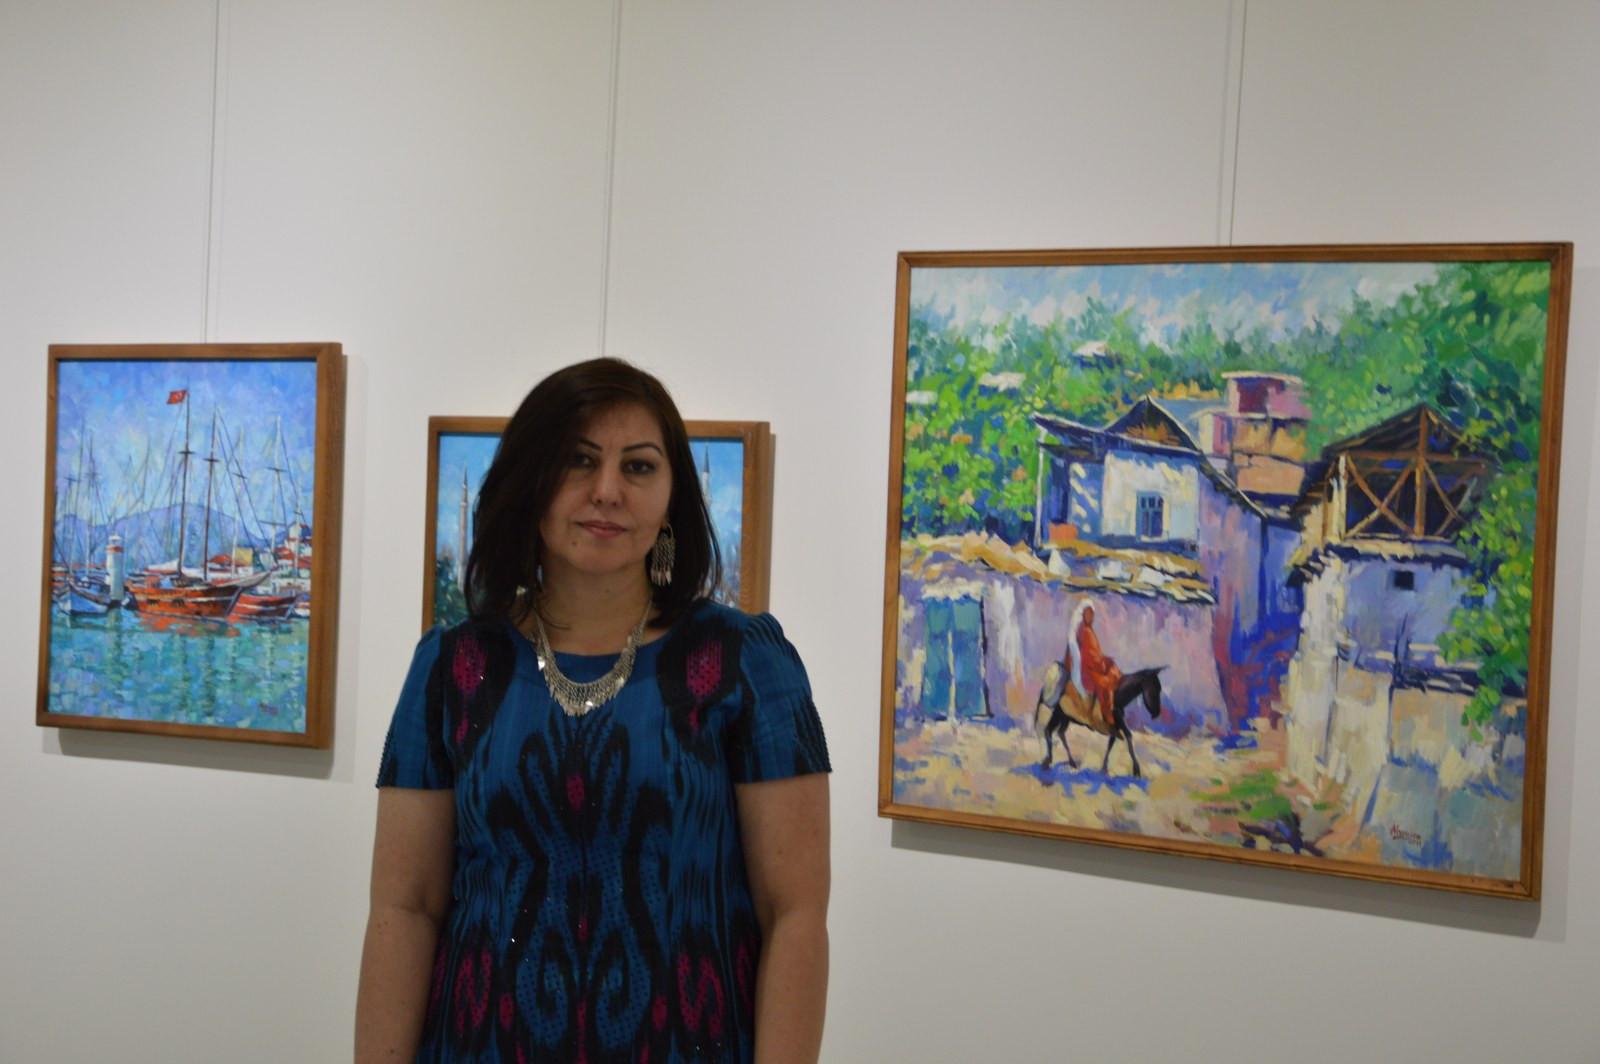 Türk Dünyasından Kadın Sanatçılar İstanbul'da Buluştu Galeri - 33. Resim